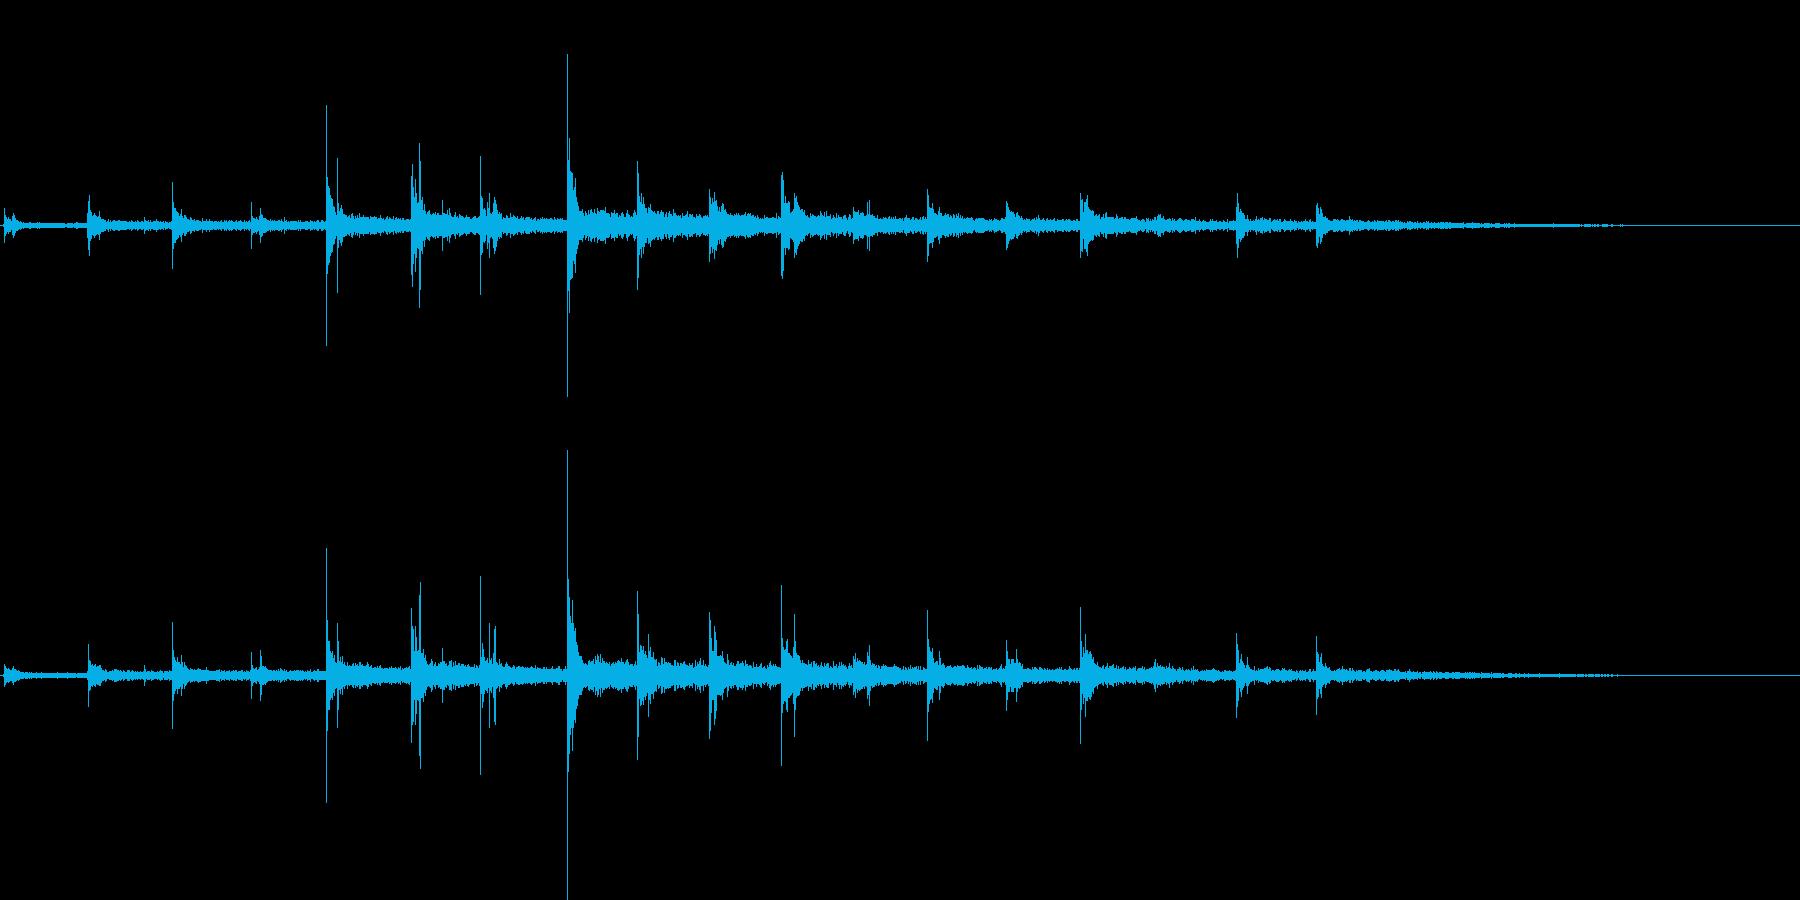 近づいてくる足音の再生済みの波形